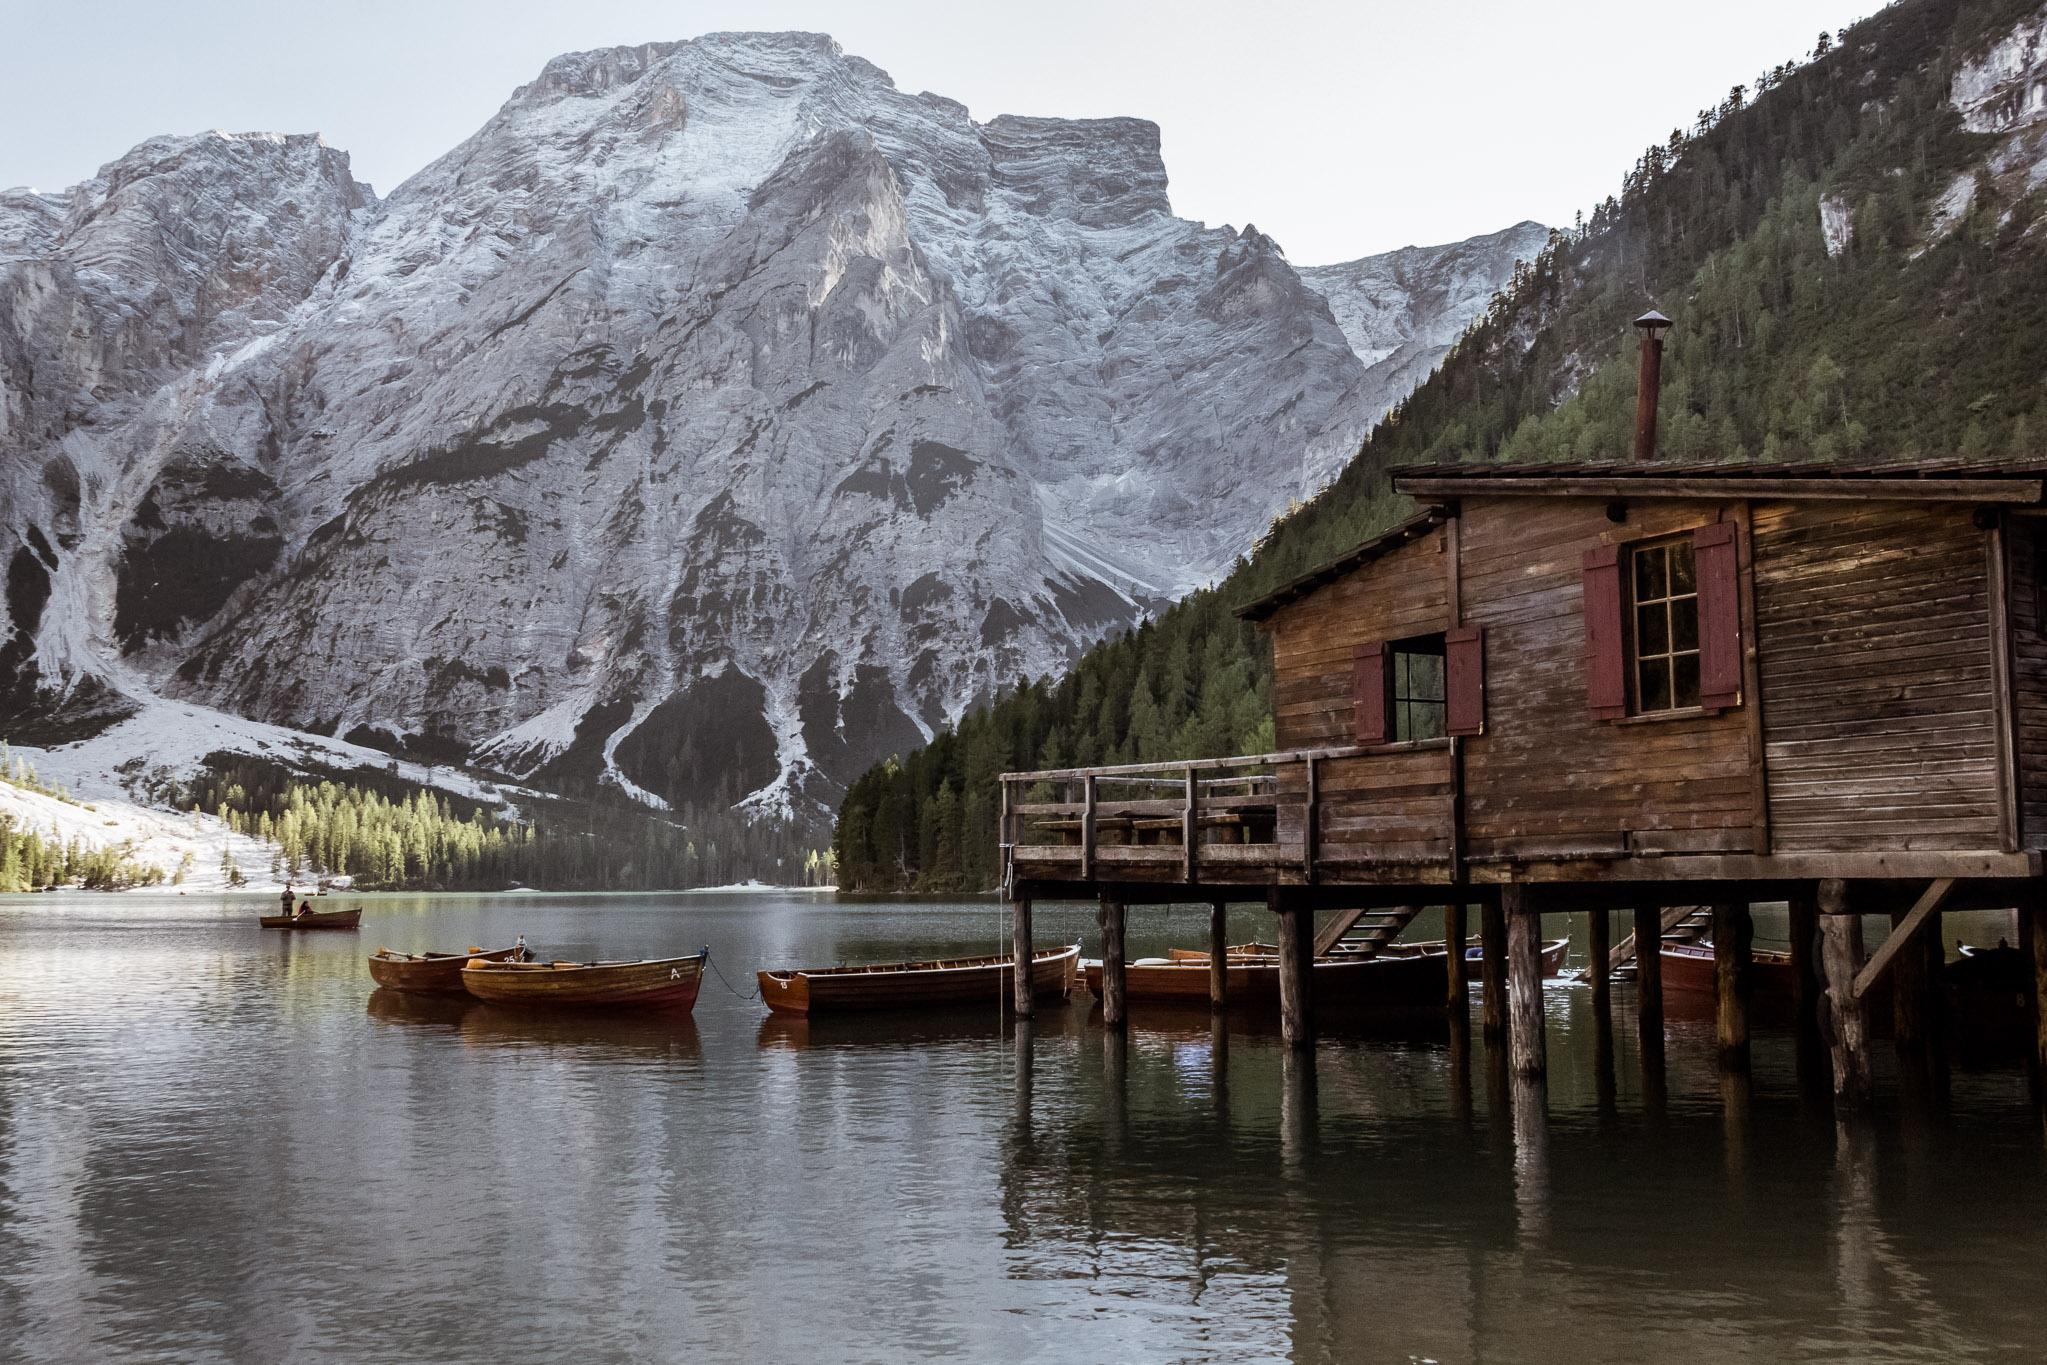 La cabane de location de barques sur le Lago di Braies, dans les Dolomites.